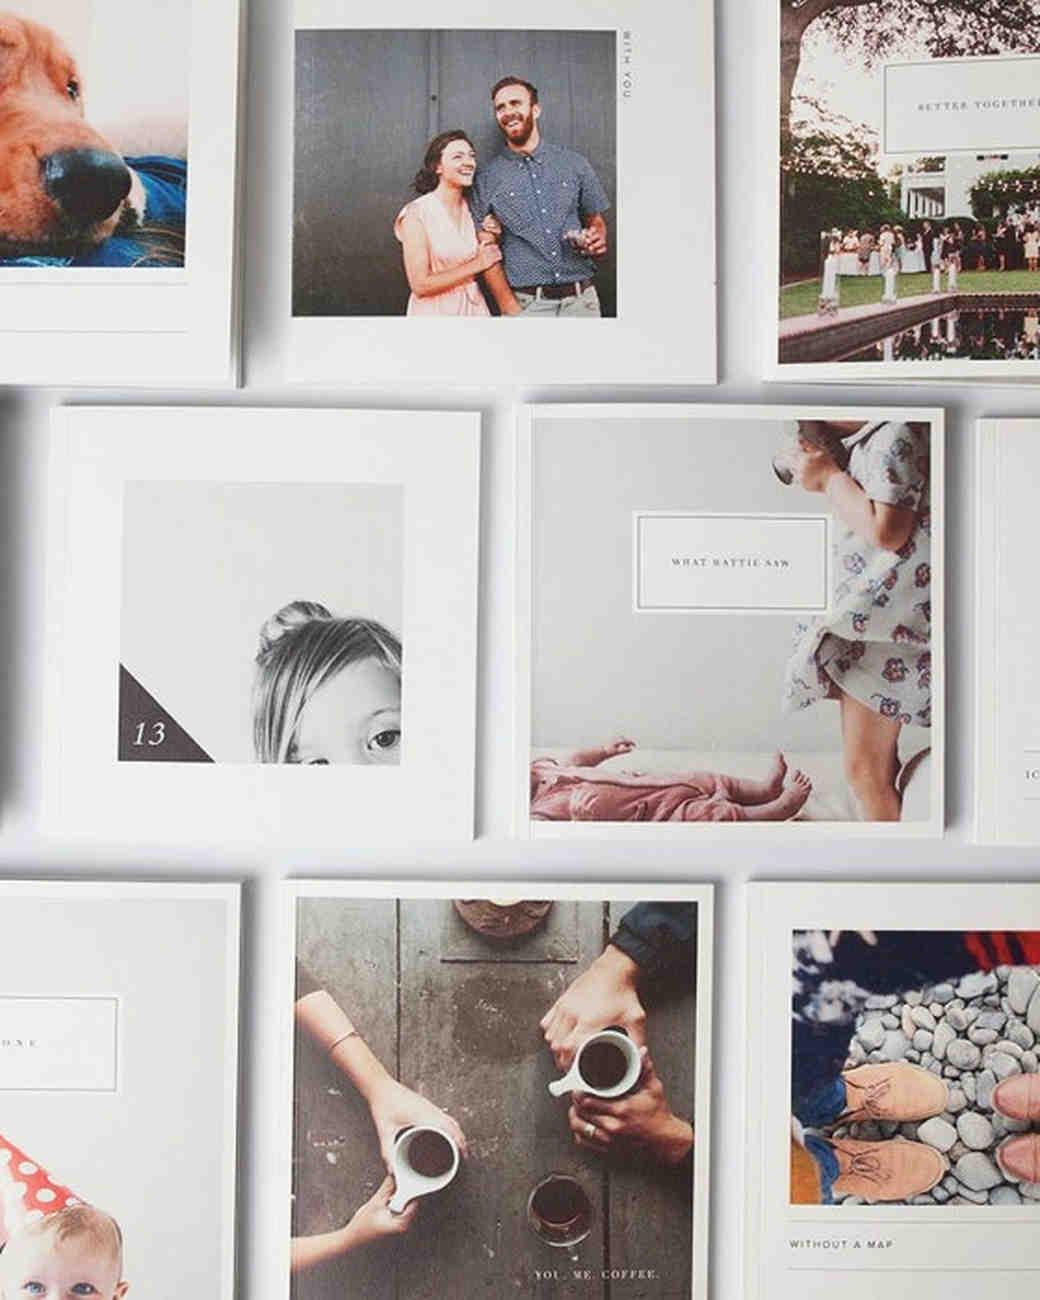 engagement-gifts-artifact-uprising-photo-book-0516.jpg